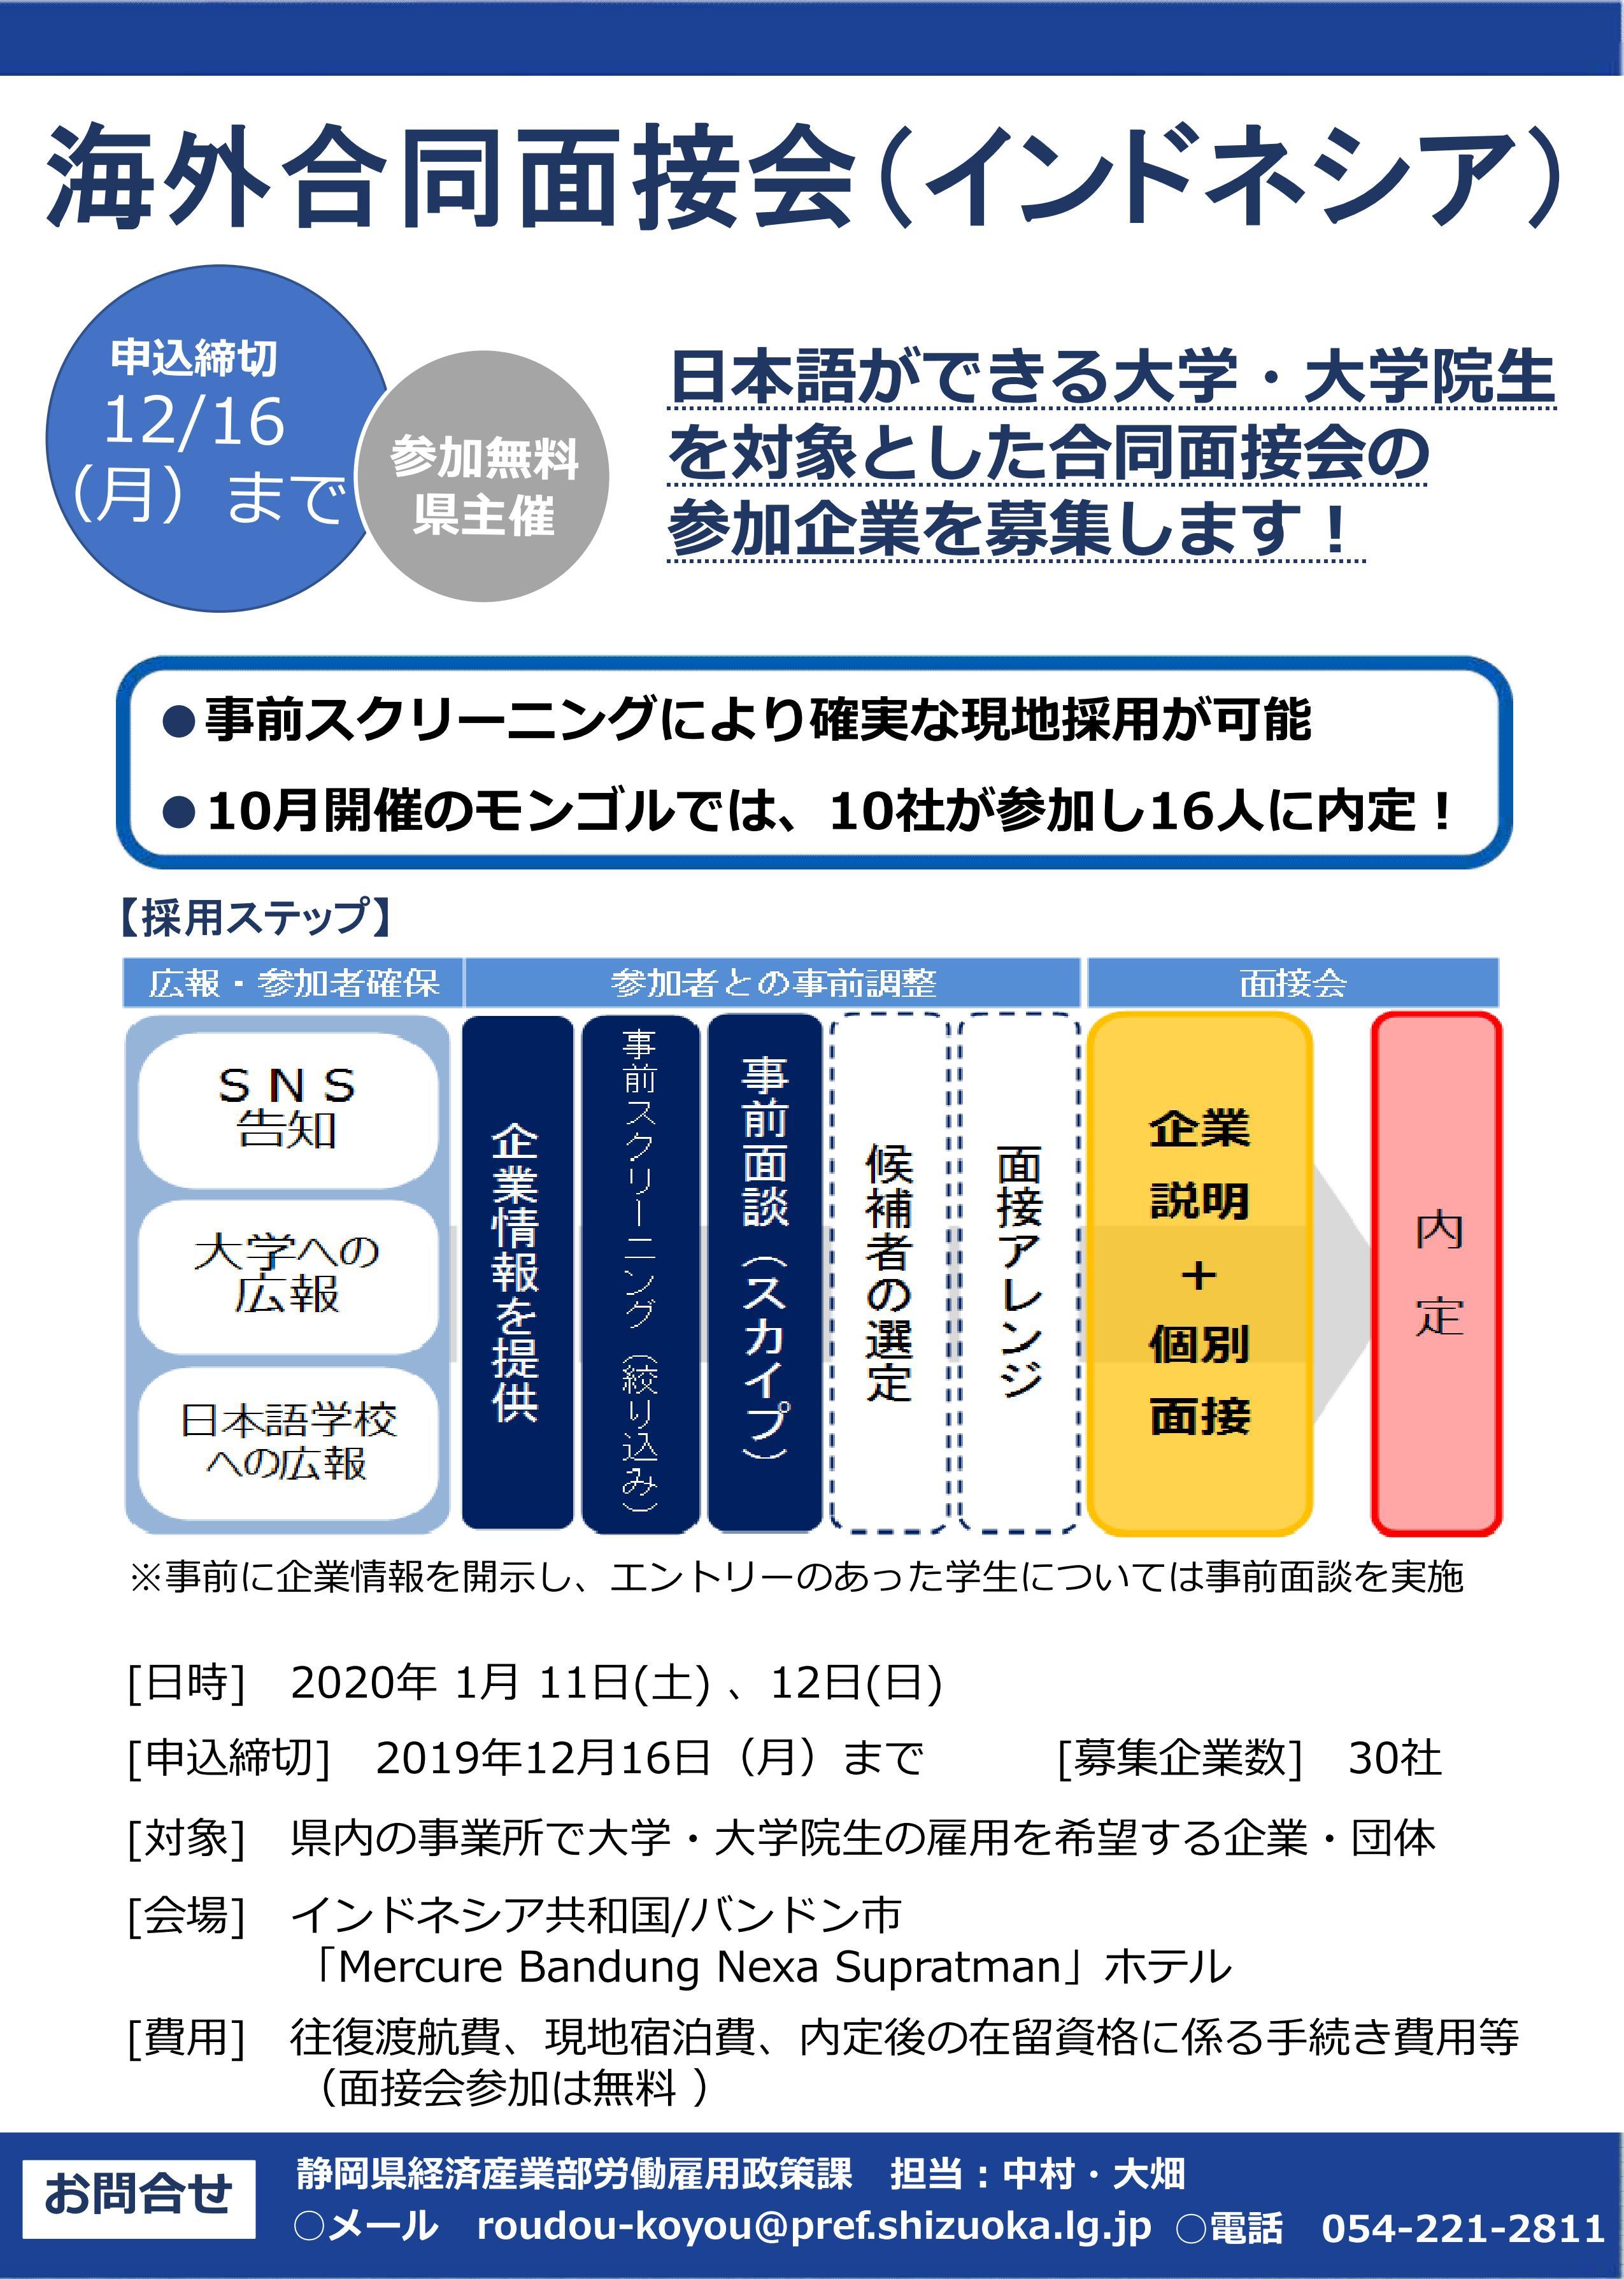 02インドネシア企業募集チラシ_補足資料_01.jpg